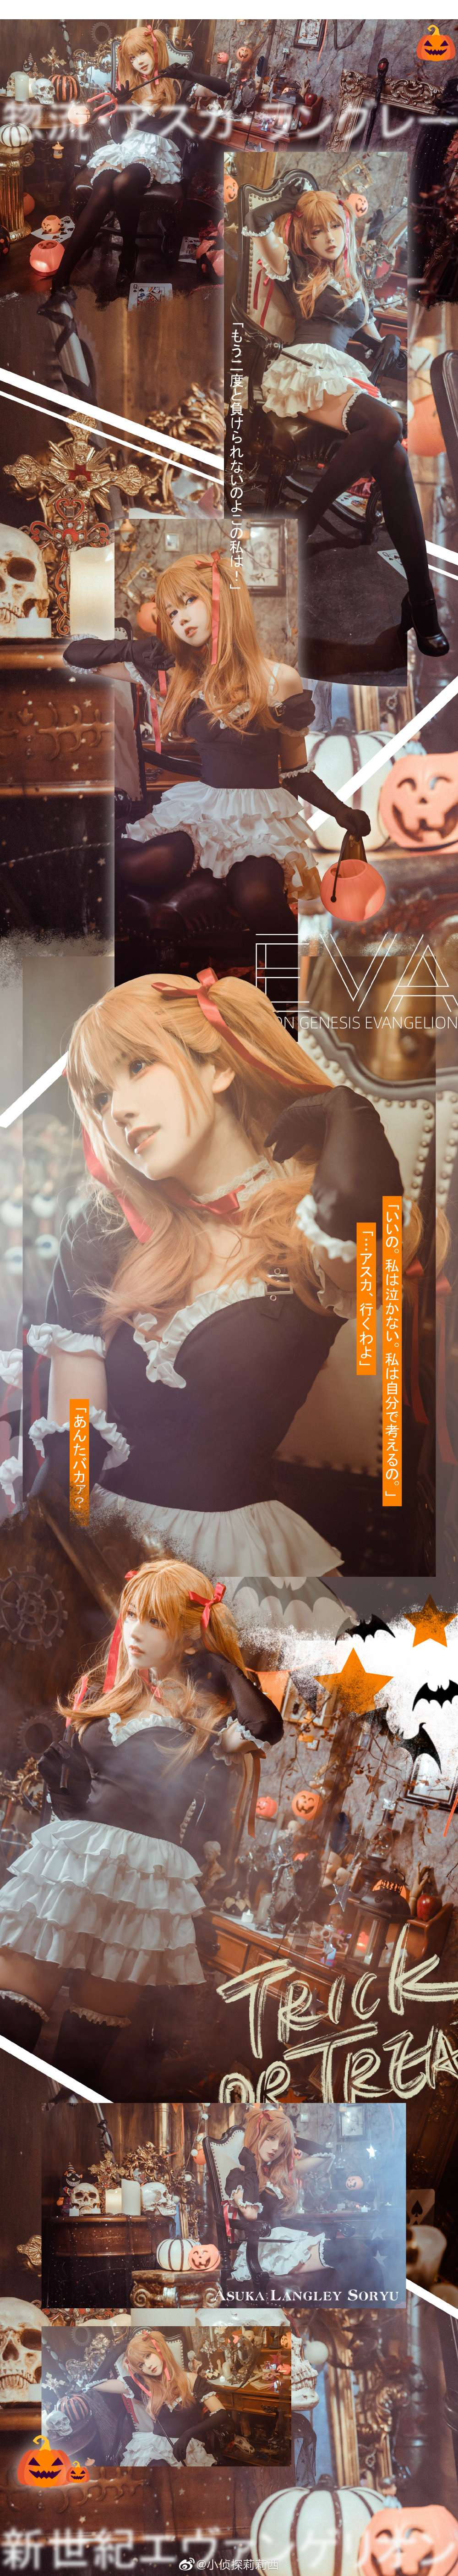 【COS】明日香,cosplay社-小柚妹站